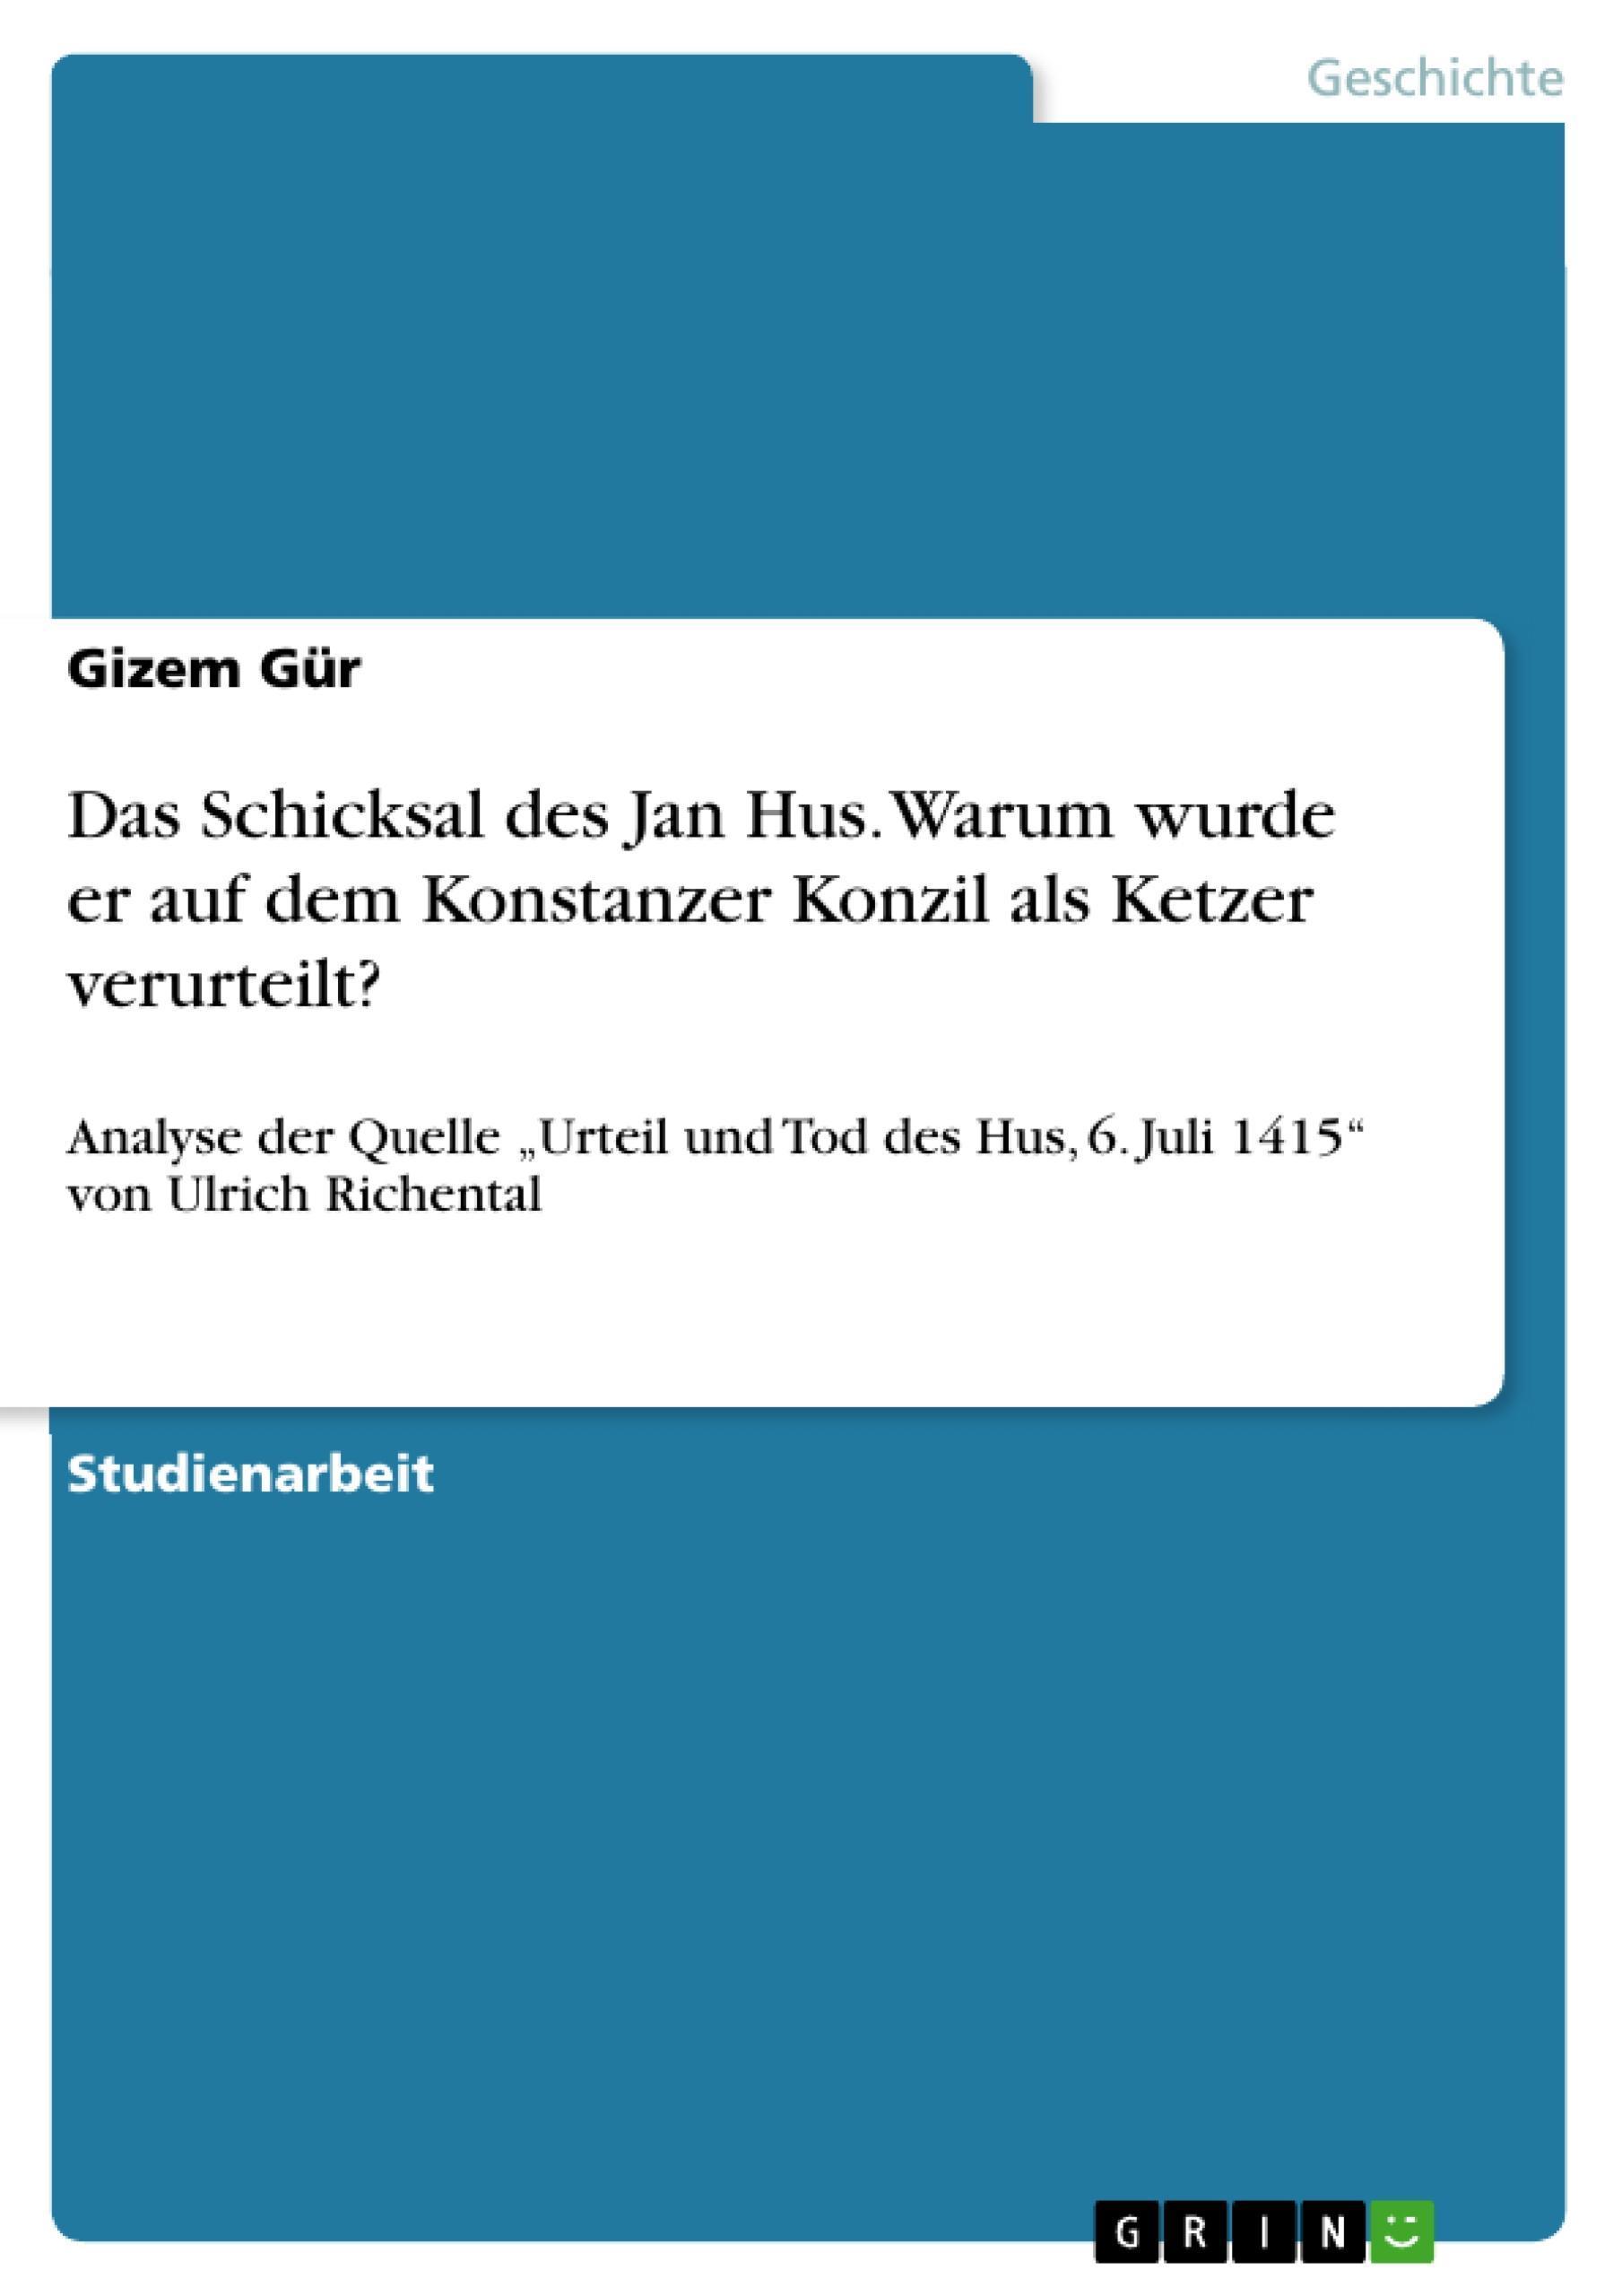 Das Schicksal des Jan Hus. Warum wurde er auf dem Konstanzer Konzil als Ket ...